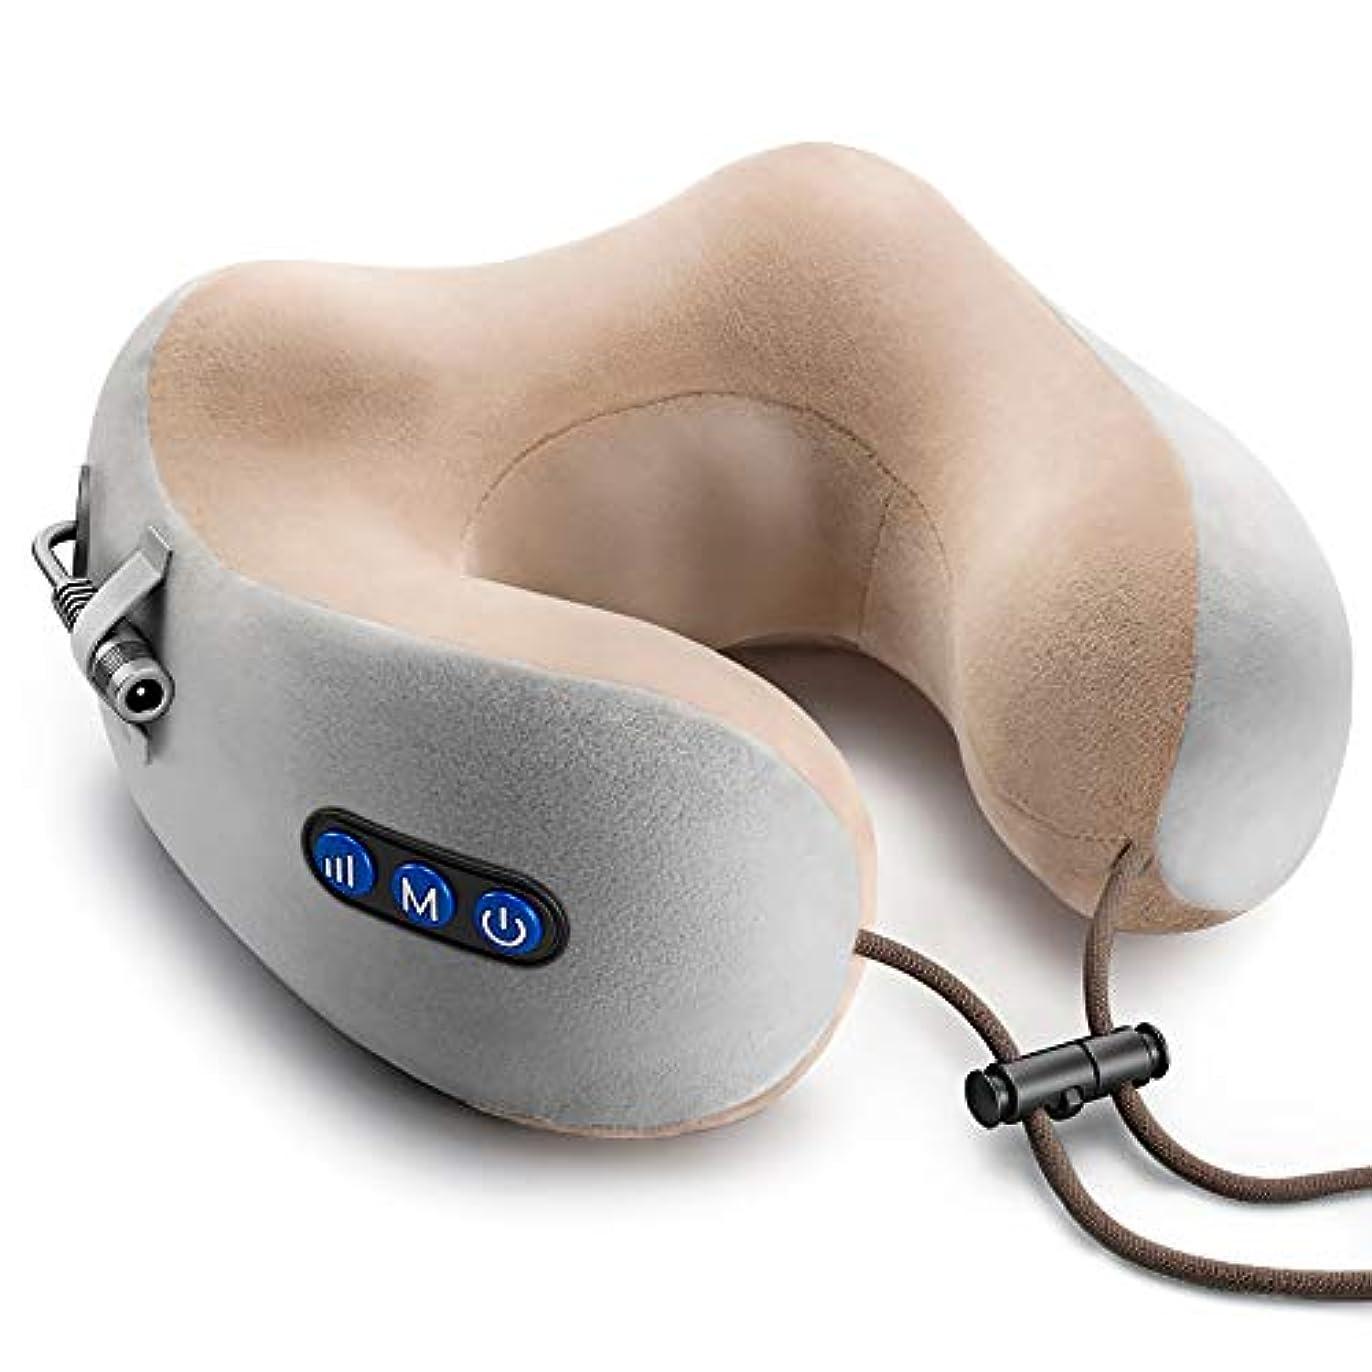 永久ゆでる受け入れた首マッサージャー ネックマッサージャー U型 USB充電式 3モード 低反発ネックマッサージピロー 自動オフ機能 肩こり ストレス解消 多機能 人間工学 日本語取扱説明書付 プレゼント